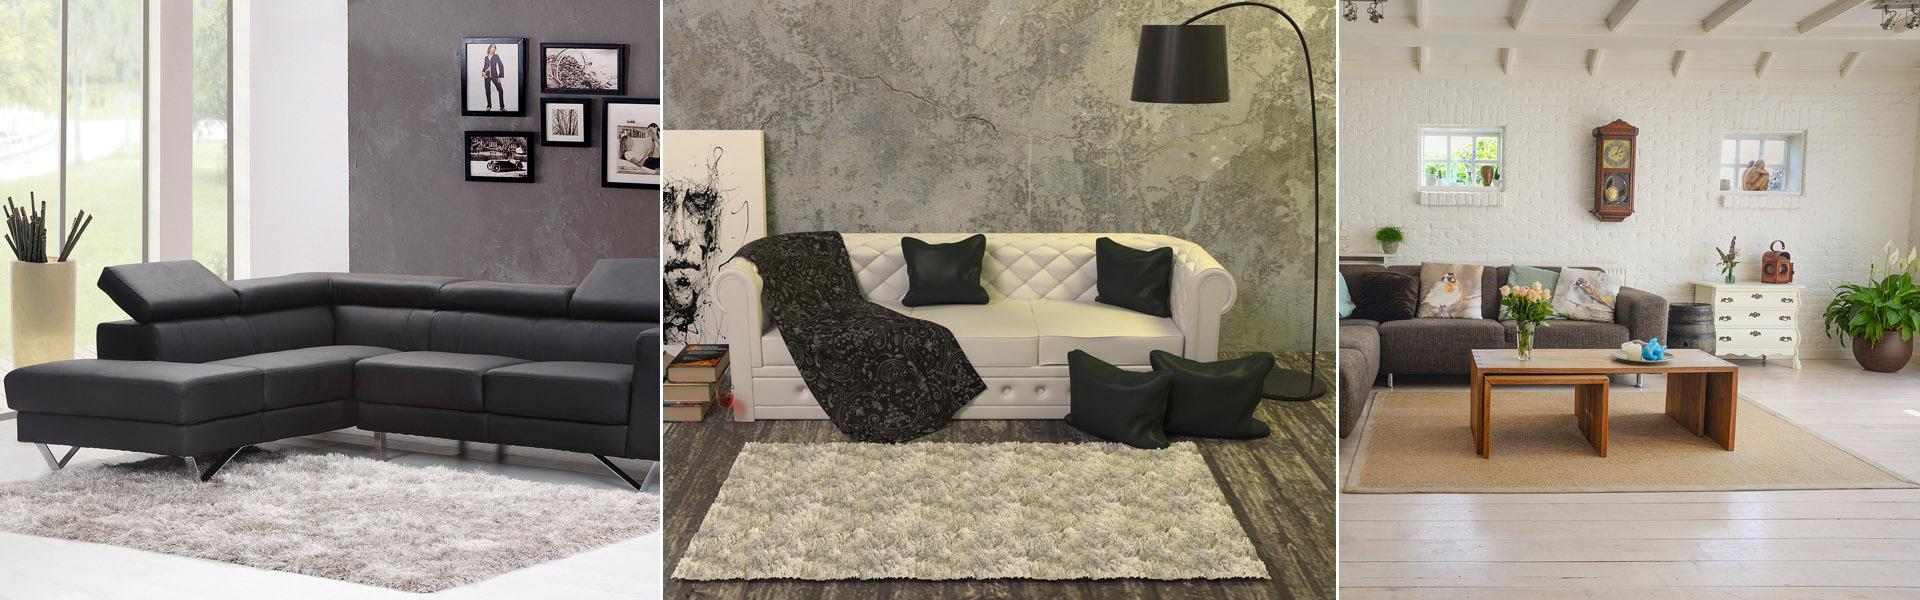 איהטקס - שטיחים מעוצבים לכל חדר בבית או במשרד